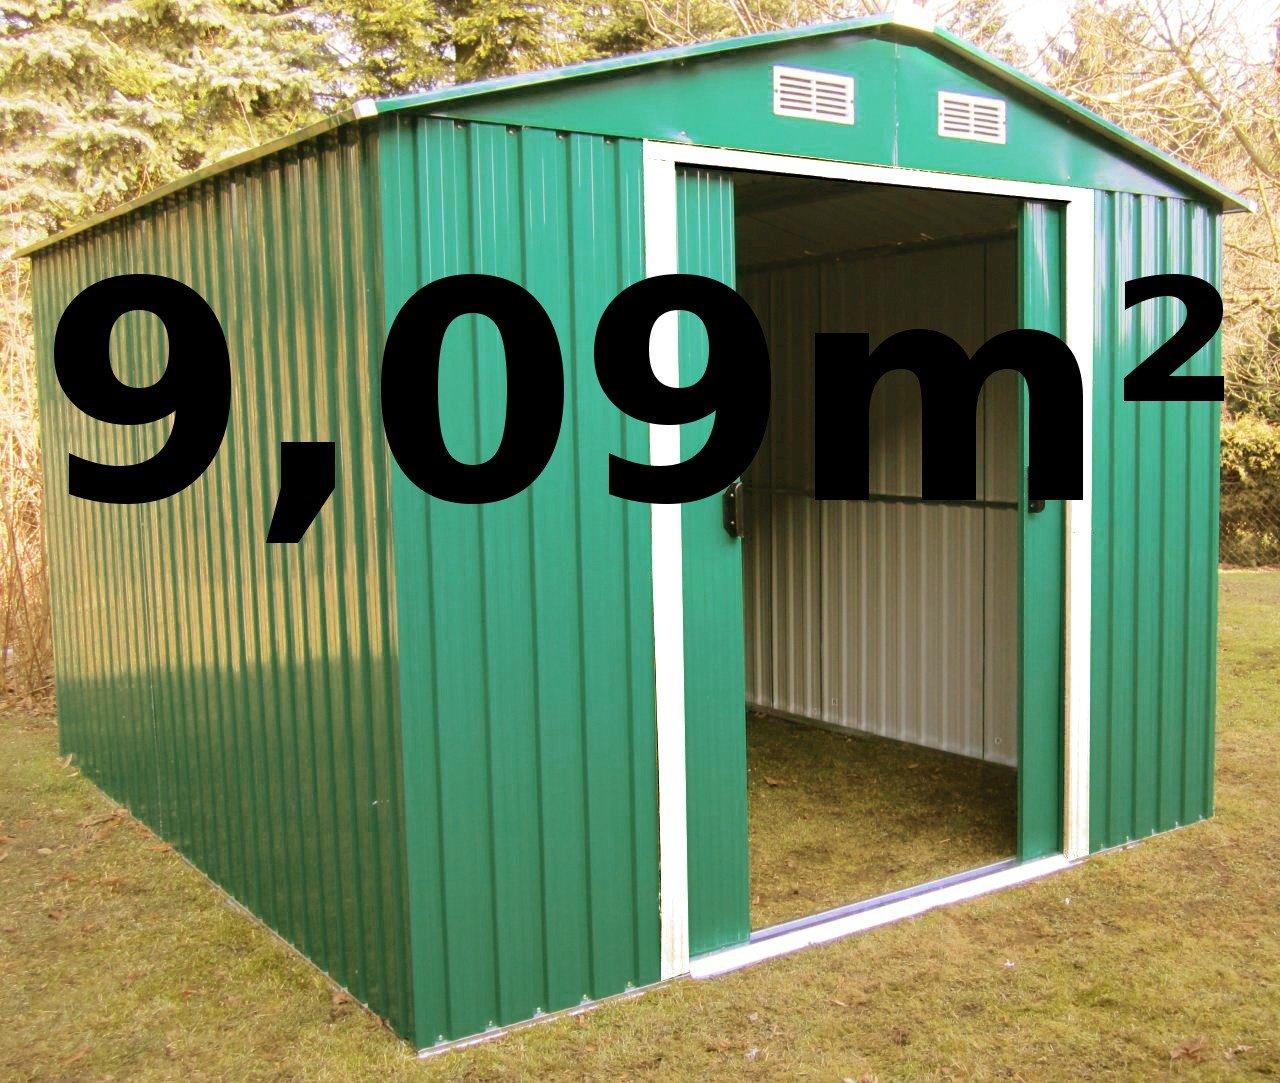 Gartenhaus Geräteschuppen 9,09m² aus verzinktem Stahlblech Metall grün von AS-S